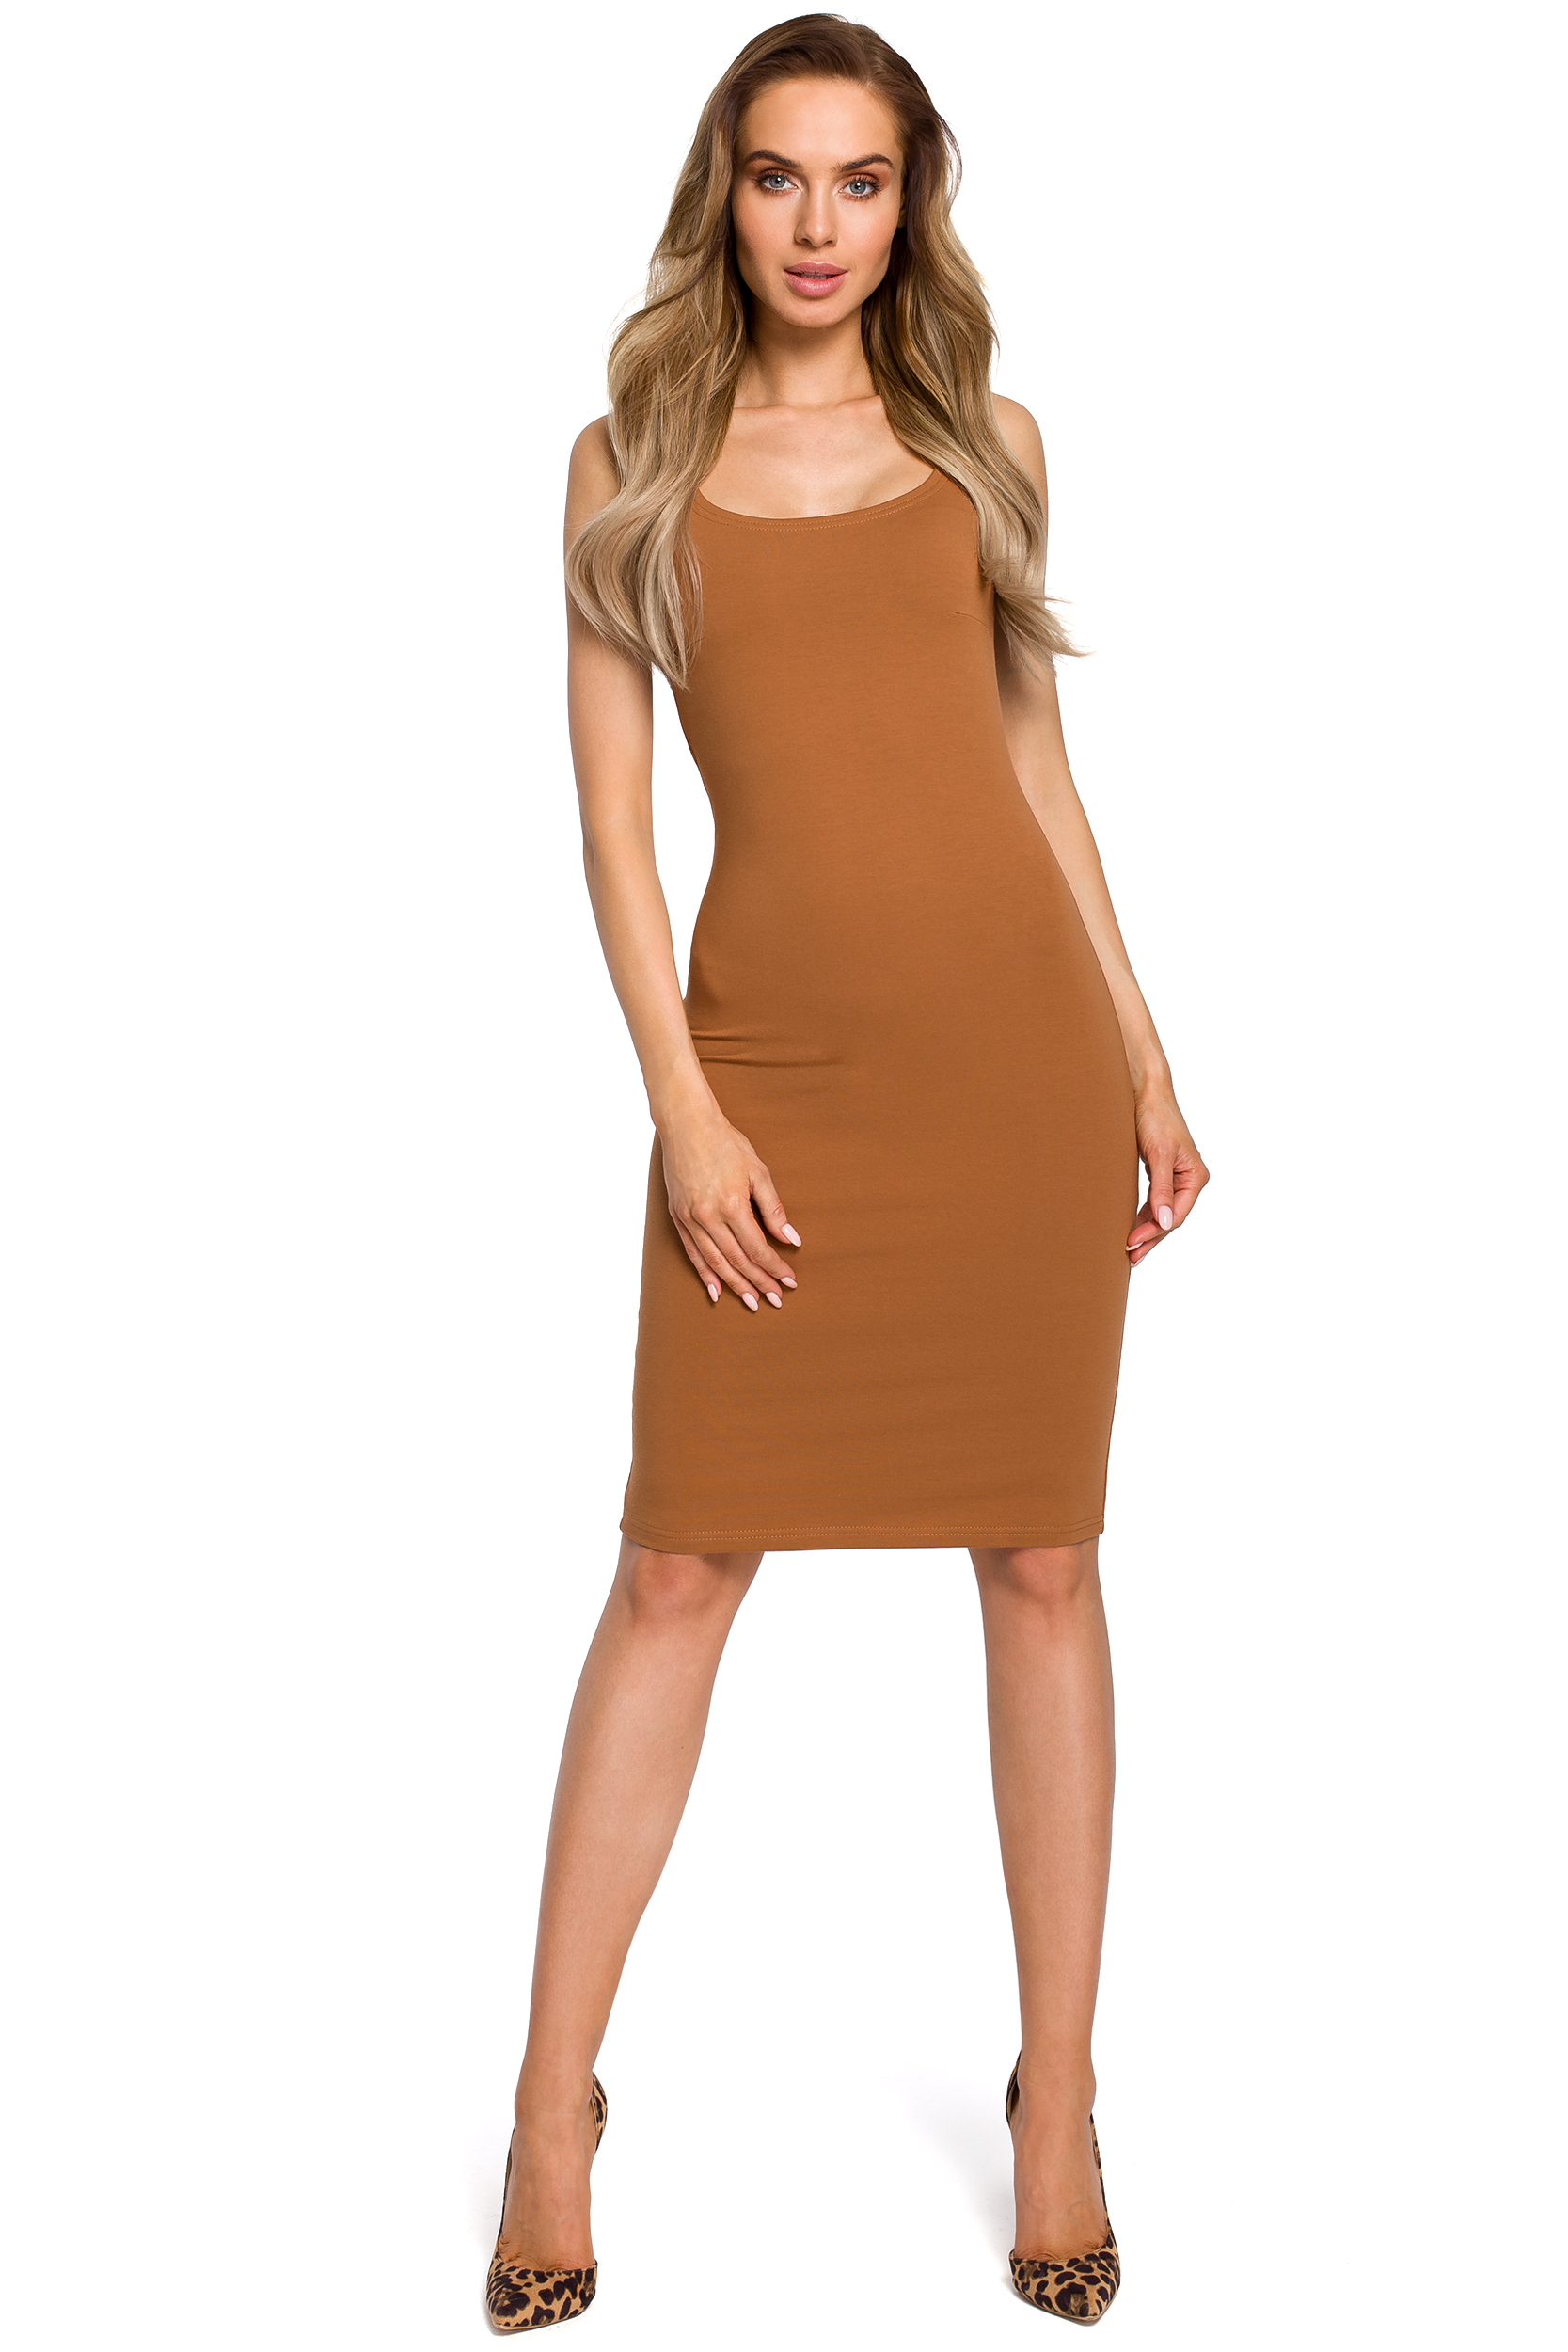 ef6664d224 Prosta obcisła bawełniana sukienka mini na ramiączkach karmelowa